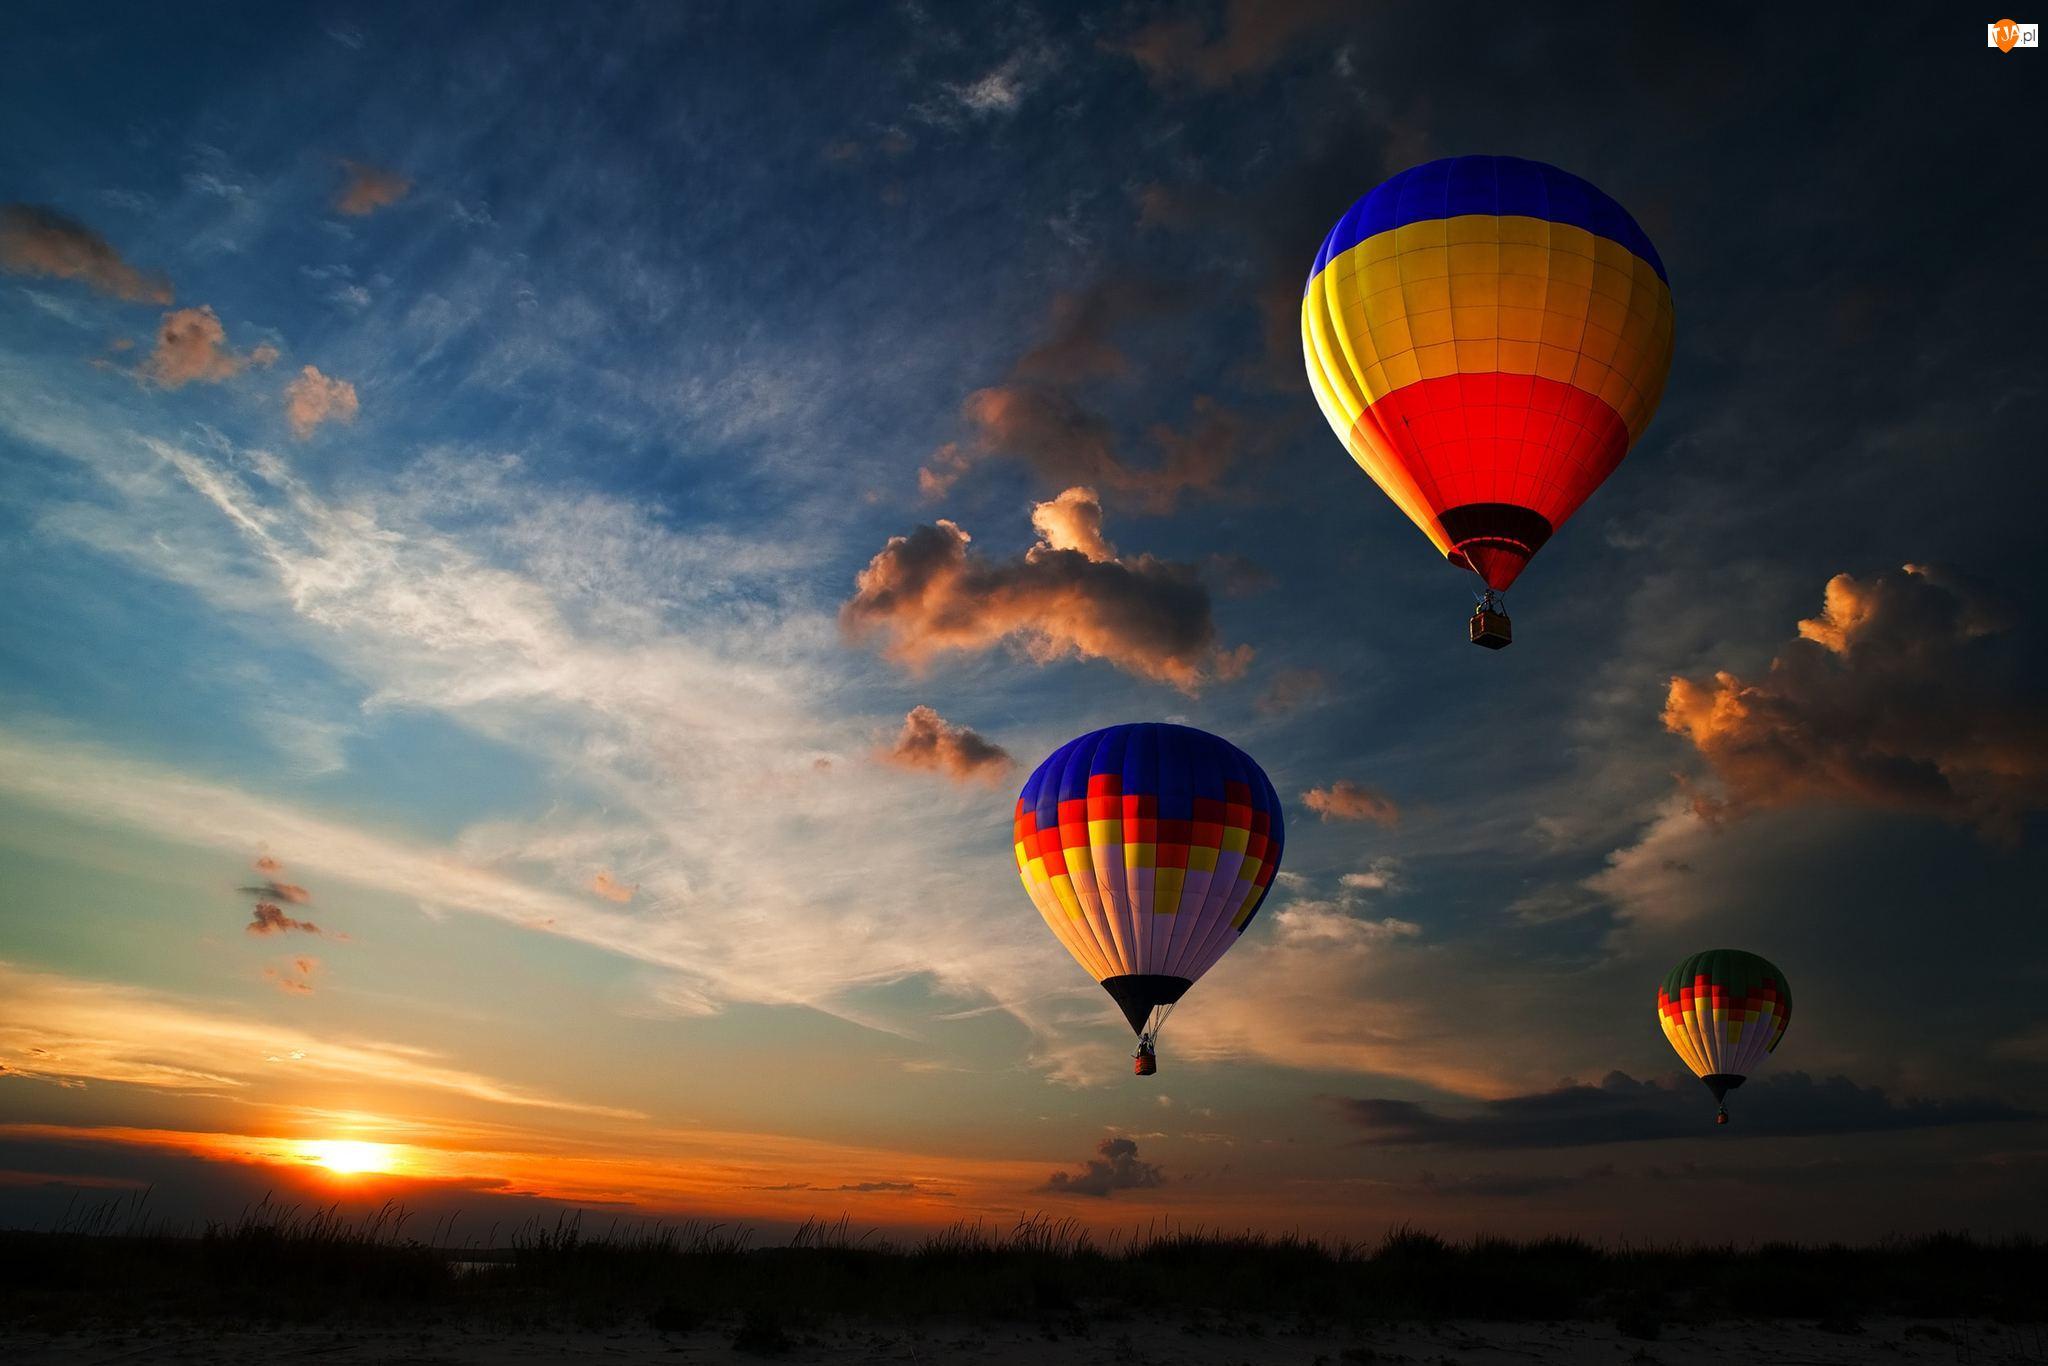 Chmury, Baloniarstwo, Zachód słońca, Balony, Niebo